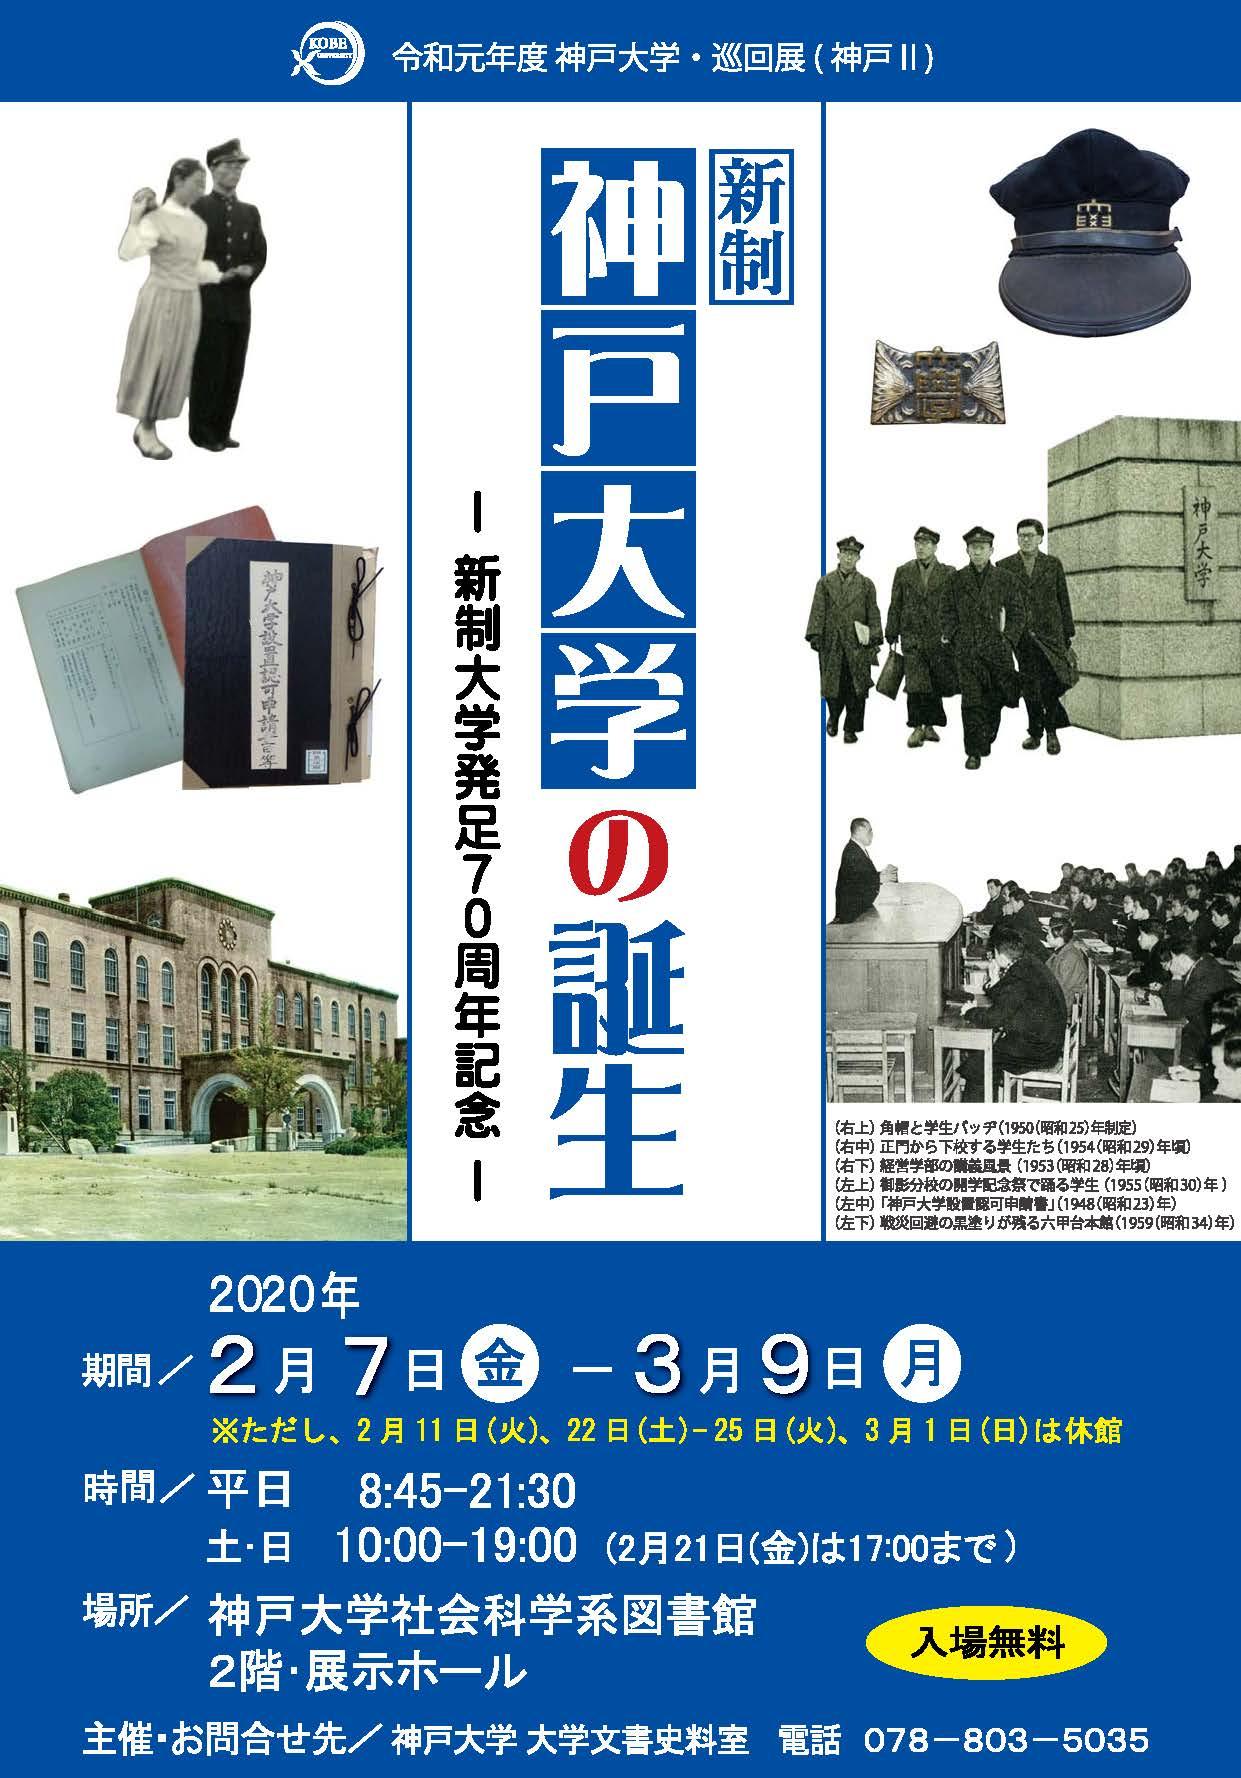 神戸巡回展Ⅱポスター